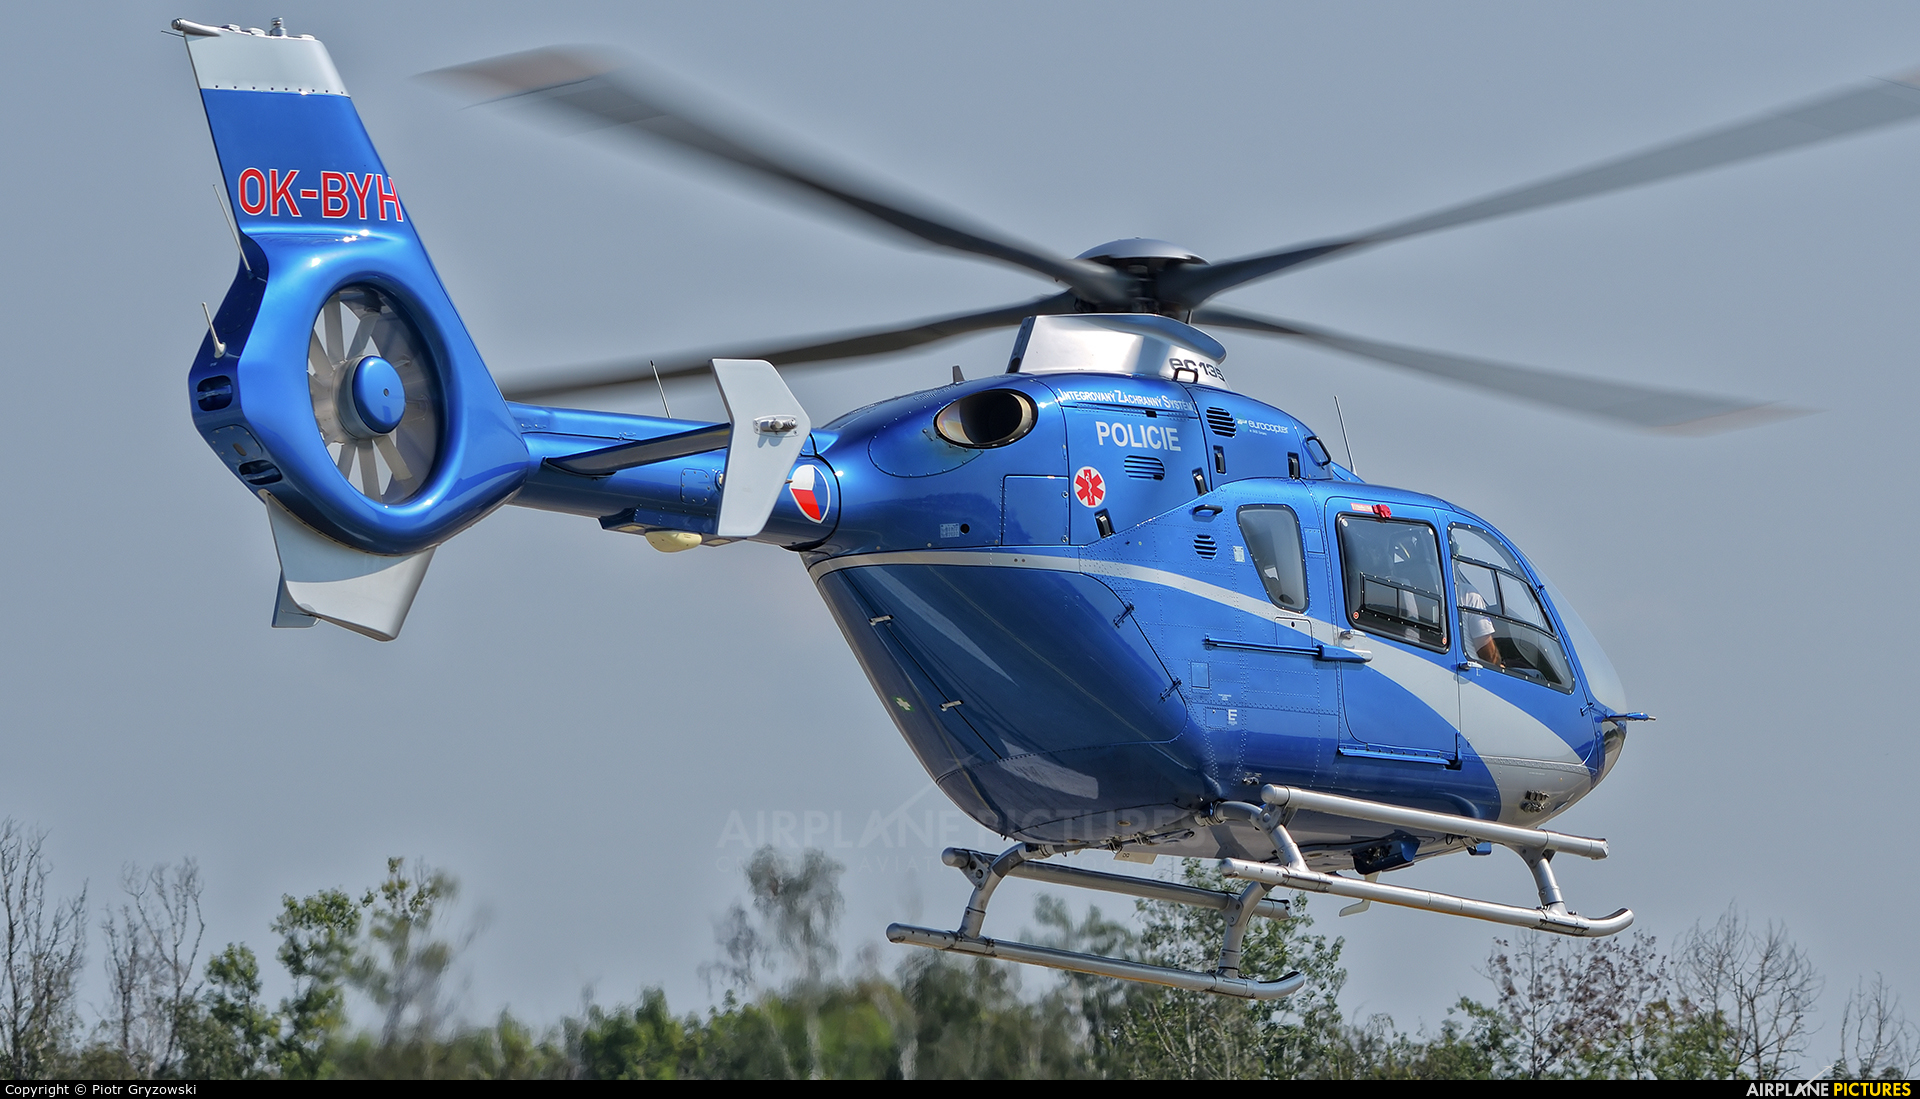 Czech Republic - Police OK-BYH aircraft at Hradec Králové